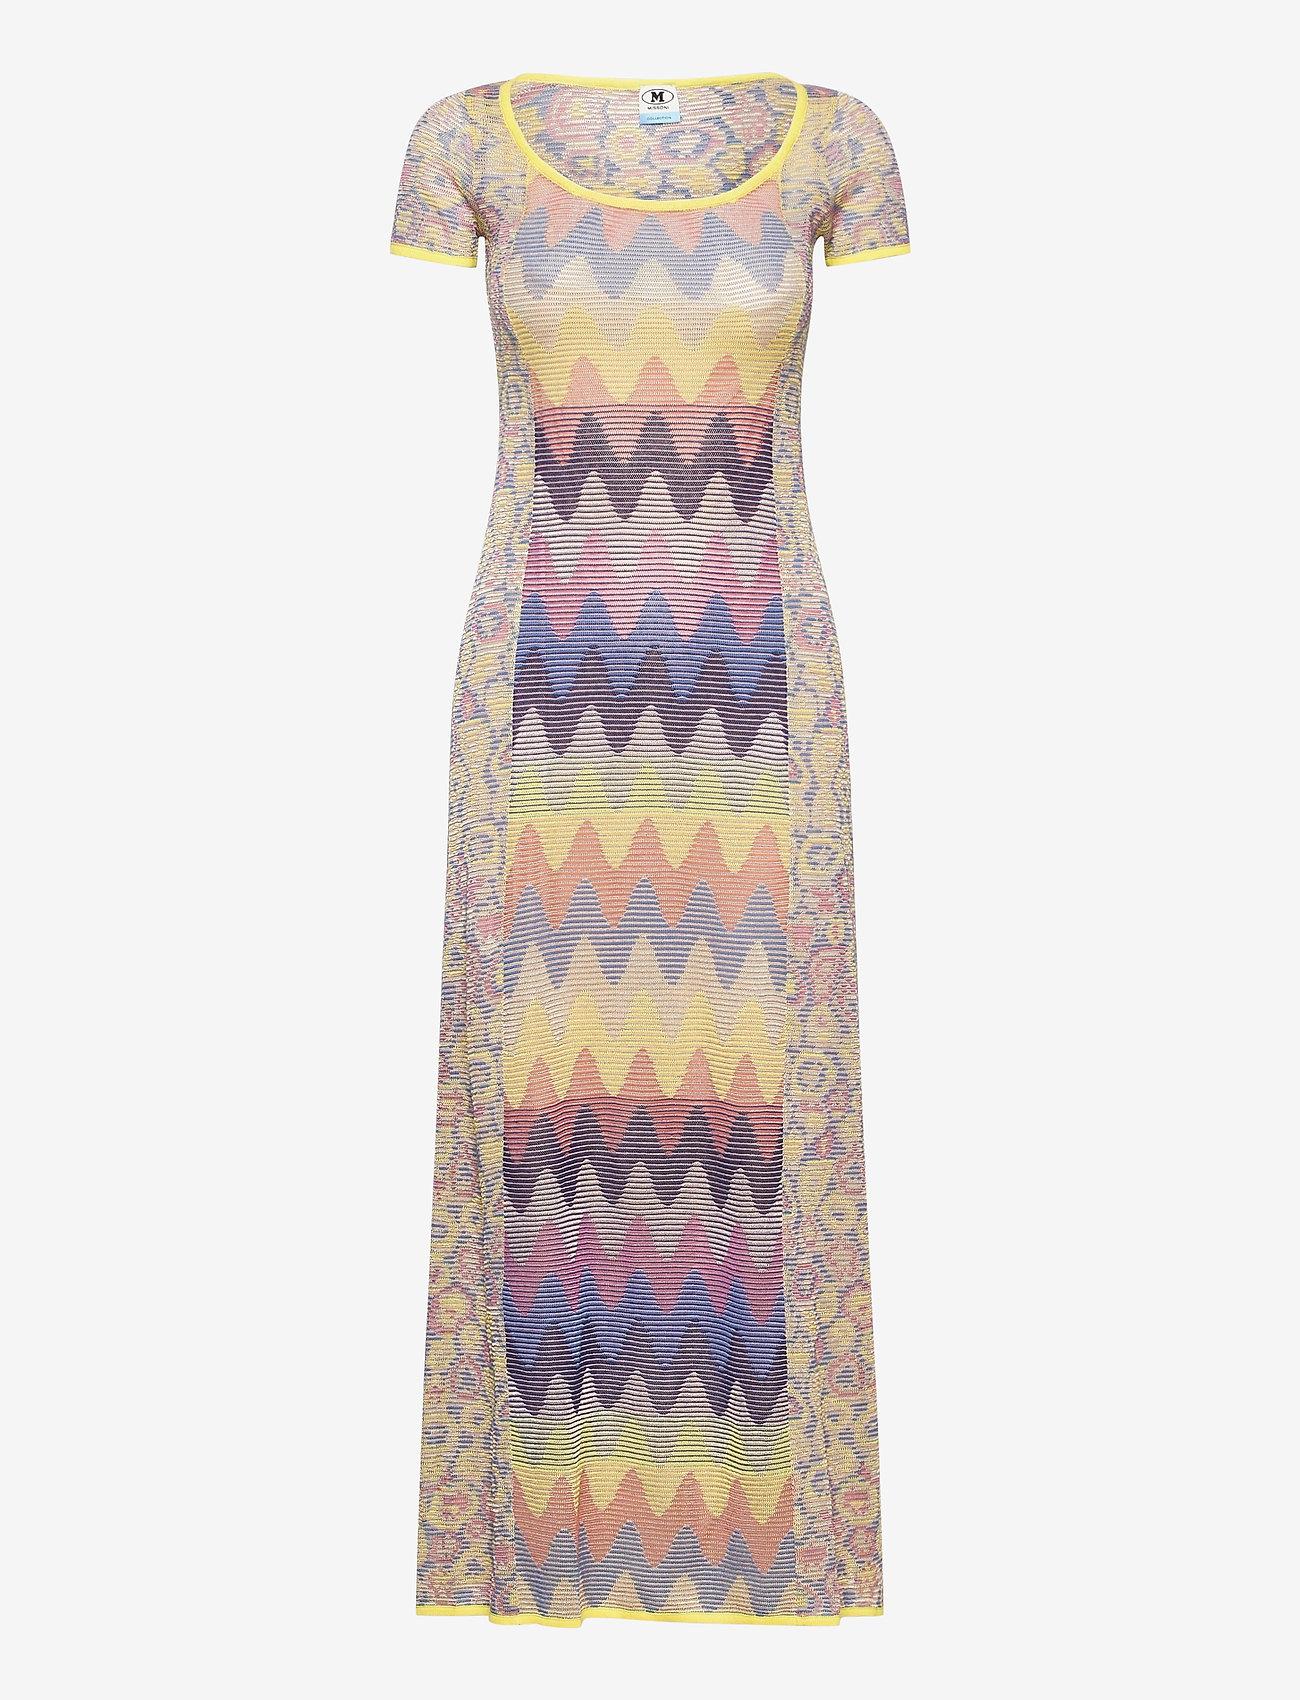 M Missoni - M MISSONI-LONG DRESS - sommerkjoler - multicolor - 0